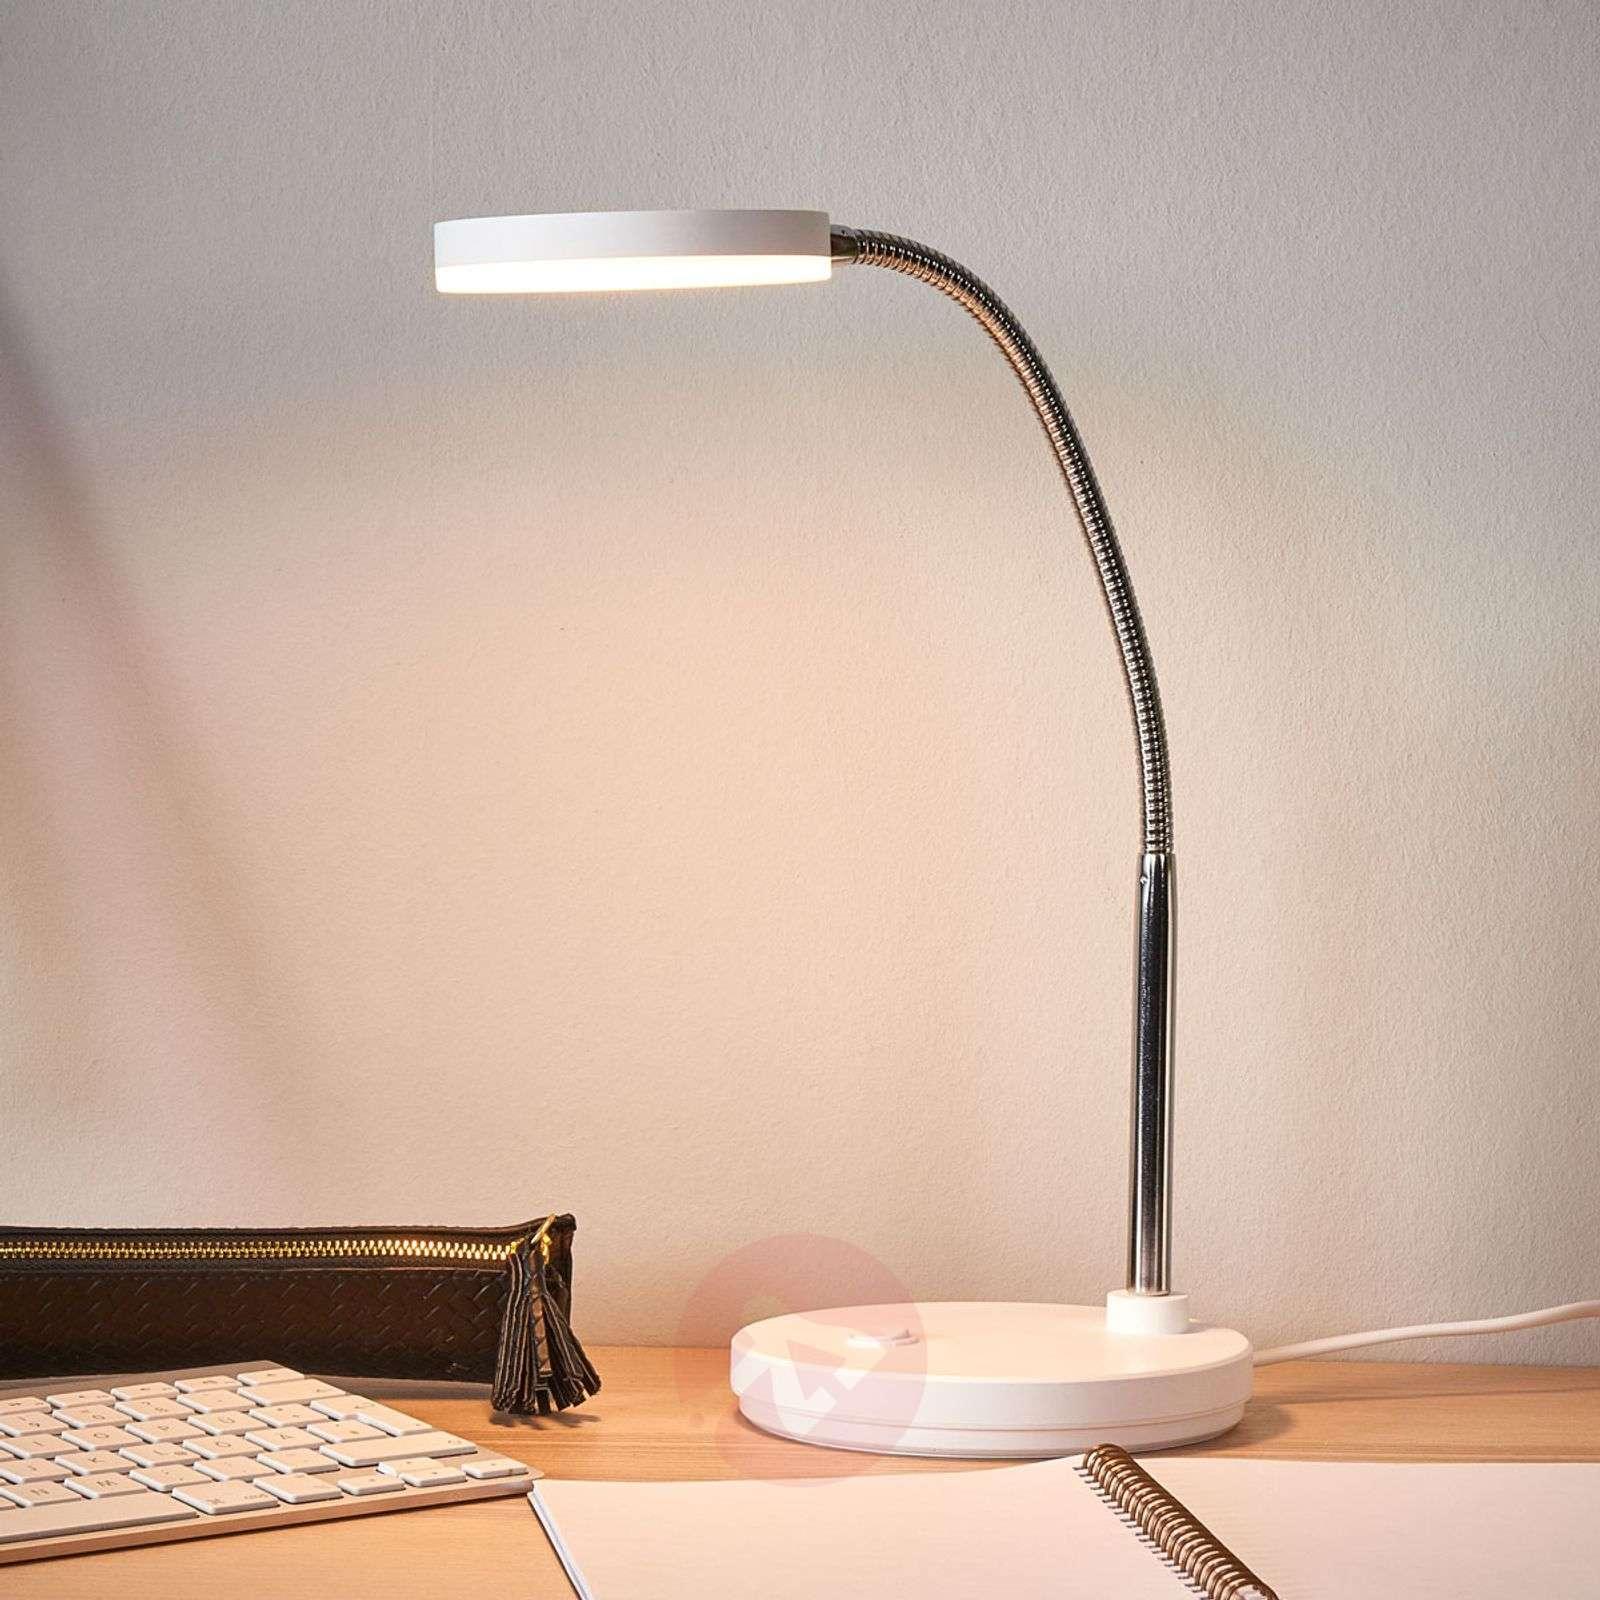 Valkoinen Milow-työpöytävalaisin LED-9643026-02